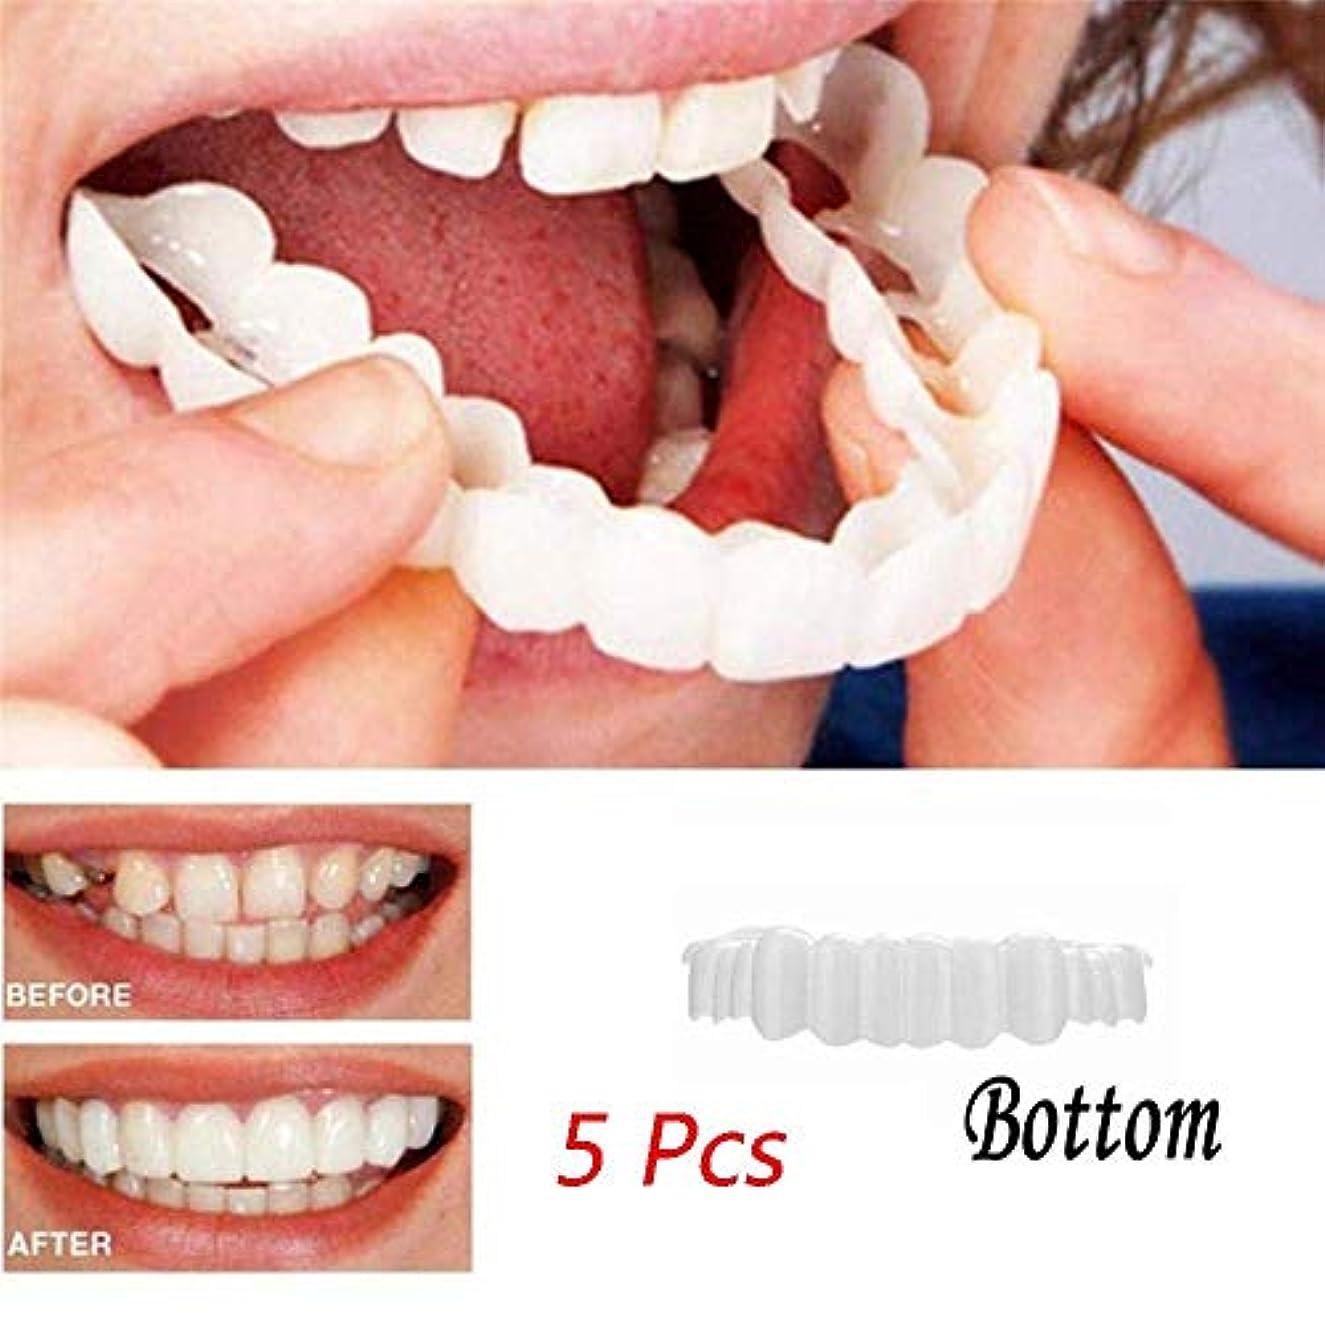 とんでもない永久にアジア人突き板歯5ピースインスタントスマイル歯ホワイトニング歯スナップ化粧品義歯底化粧品突き板ワンサイズフィット最も快適な下突き板